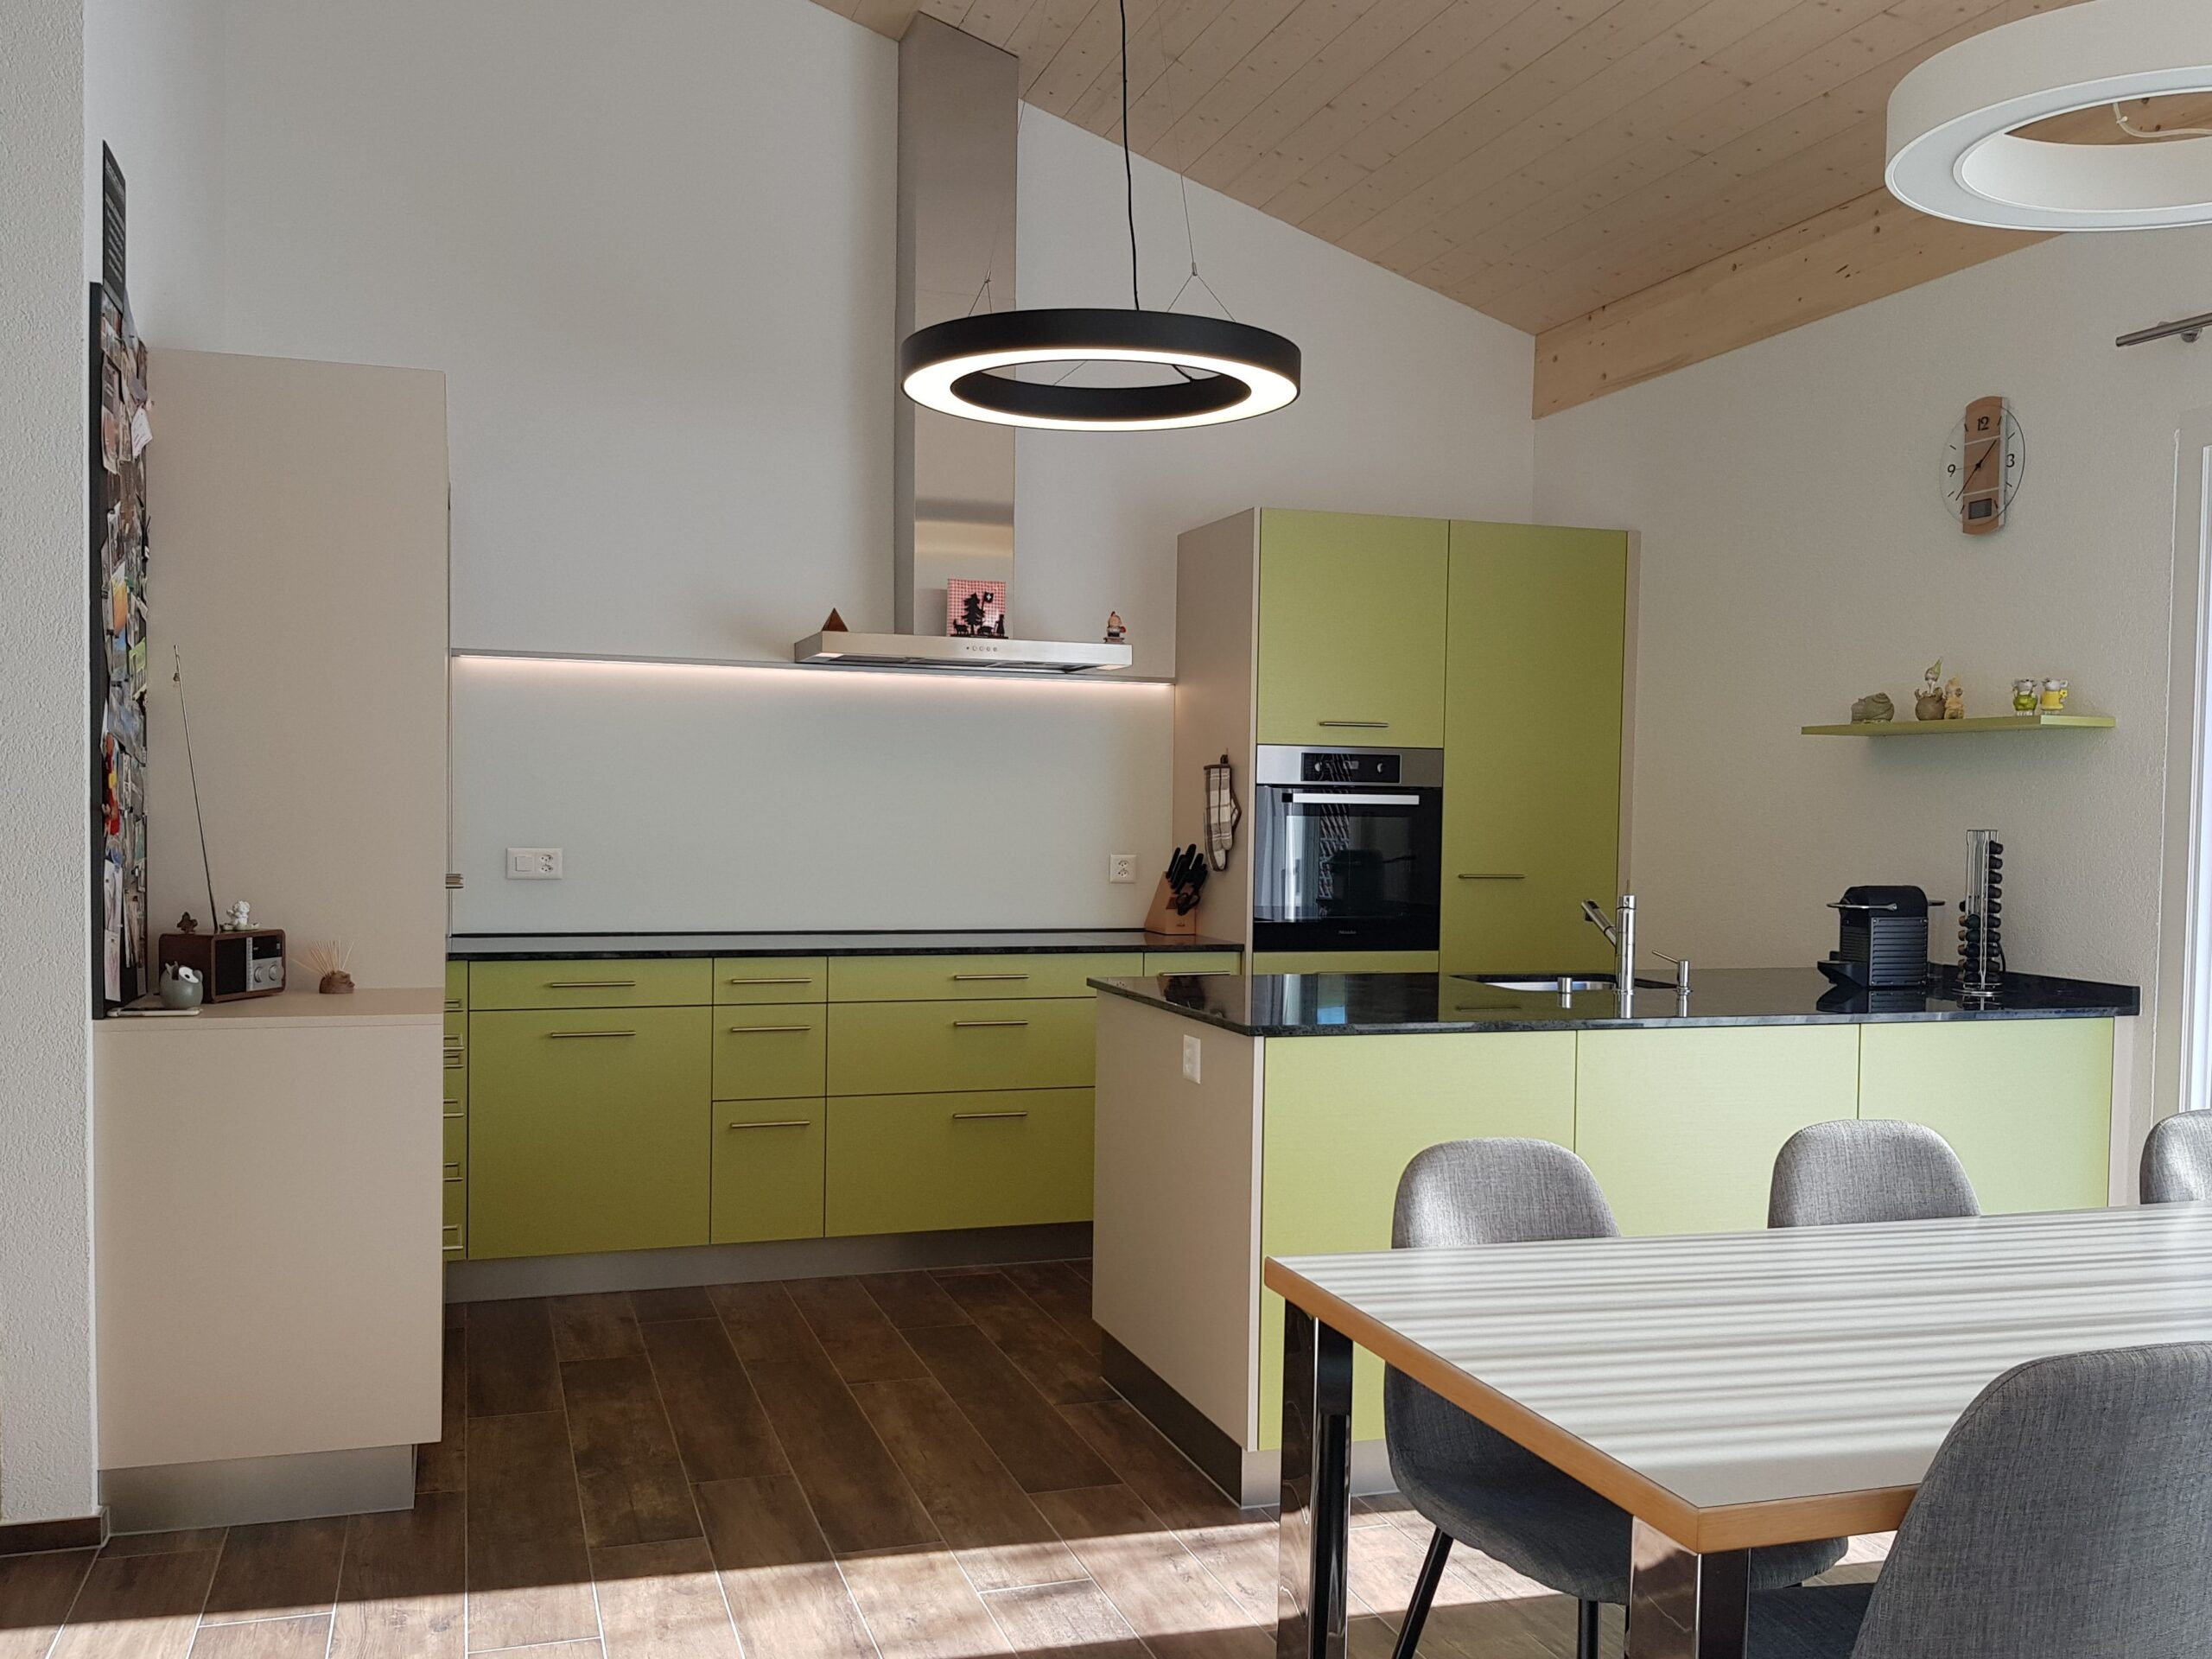 Wooddesign_Holzleuchten_LED-Beleuchtung_Licht_Indirekte Beleuchtung_Direkte Beleuchtung_Holzdesign (28)-min